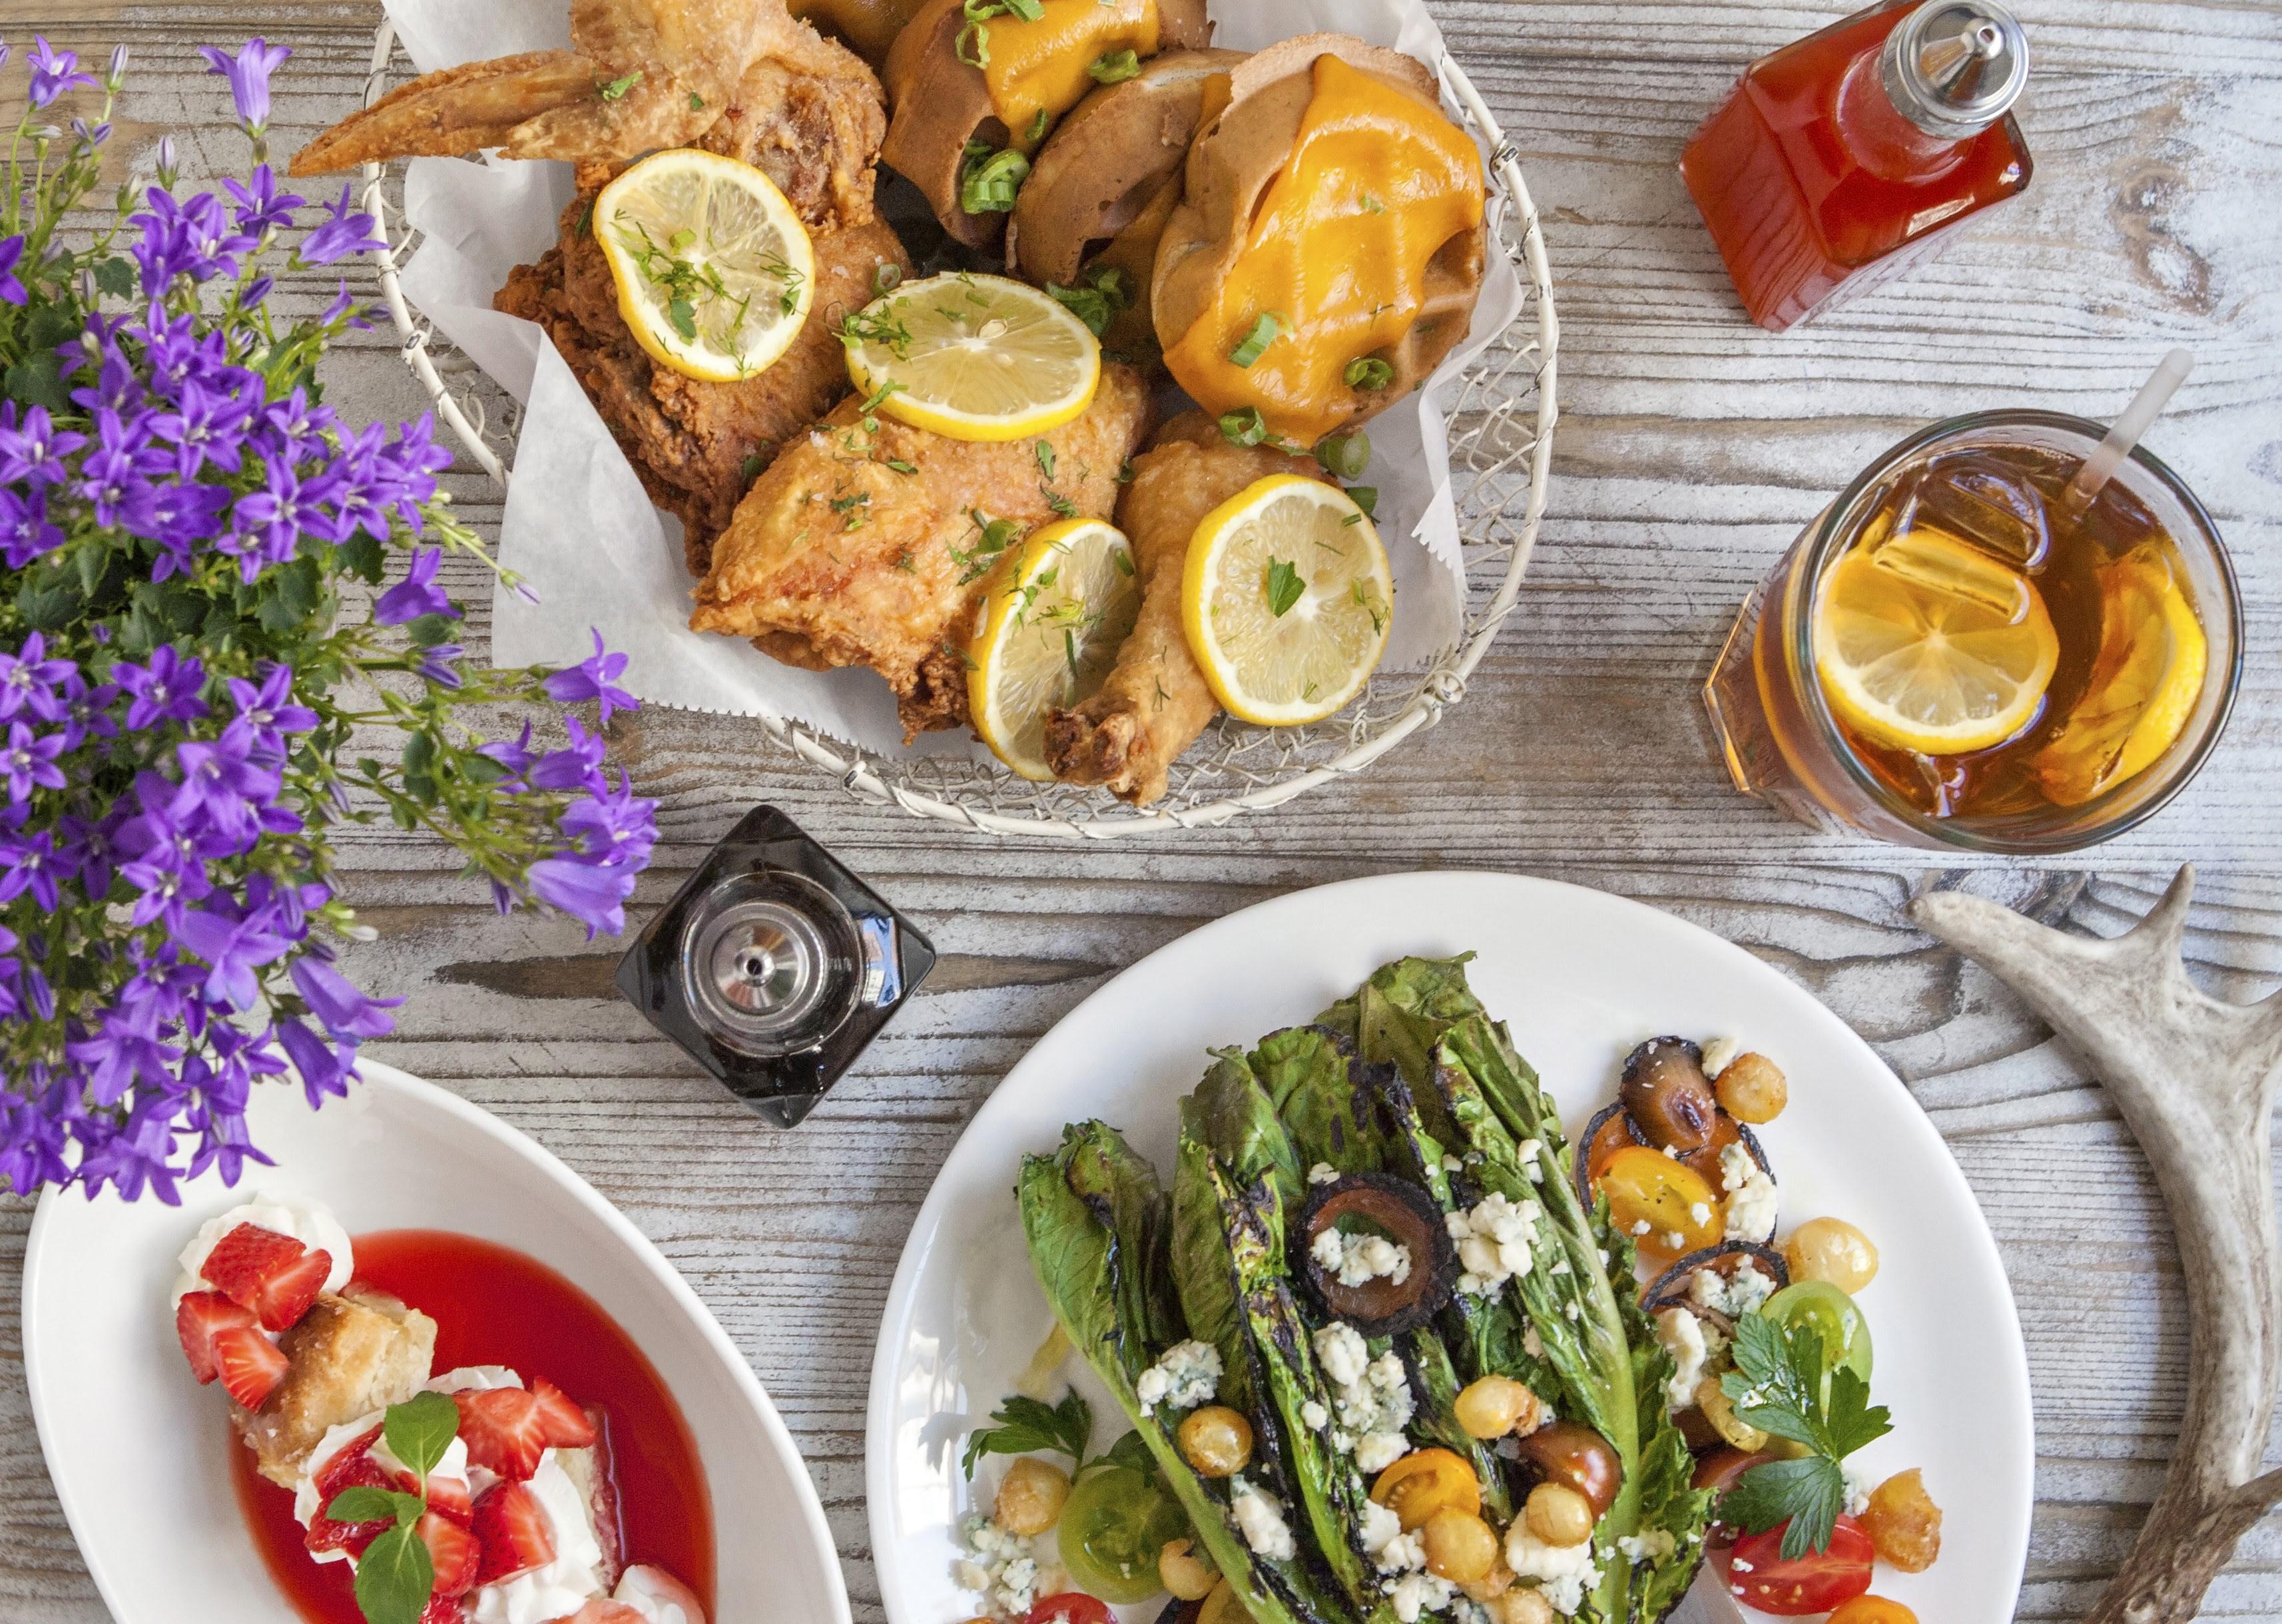 Los más de 300 restaurantes participantes ofrecerán una gran variedad de platos de distintos estilos culinarios.